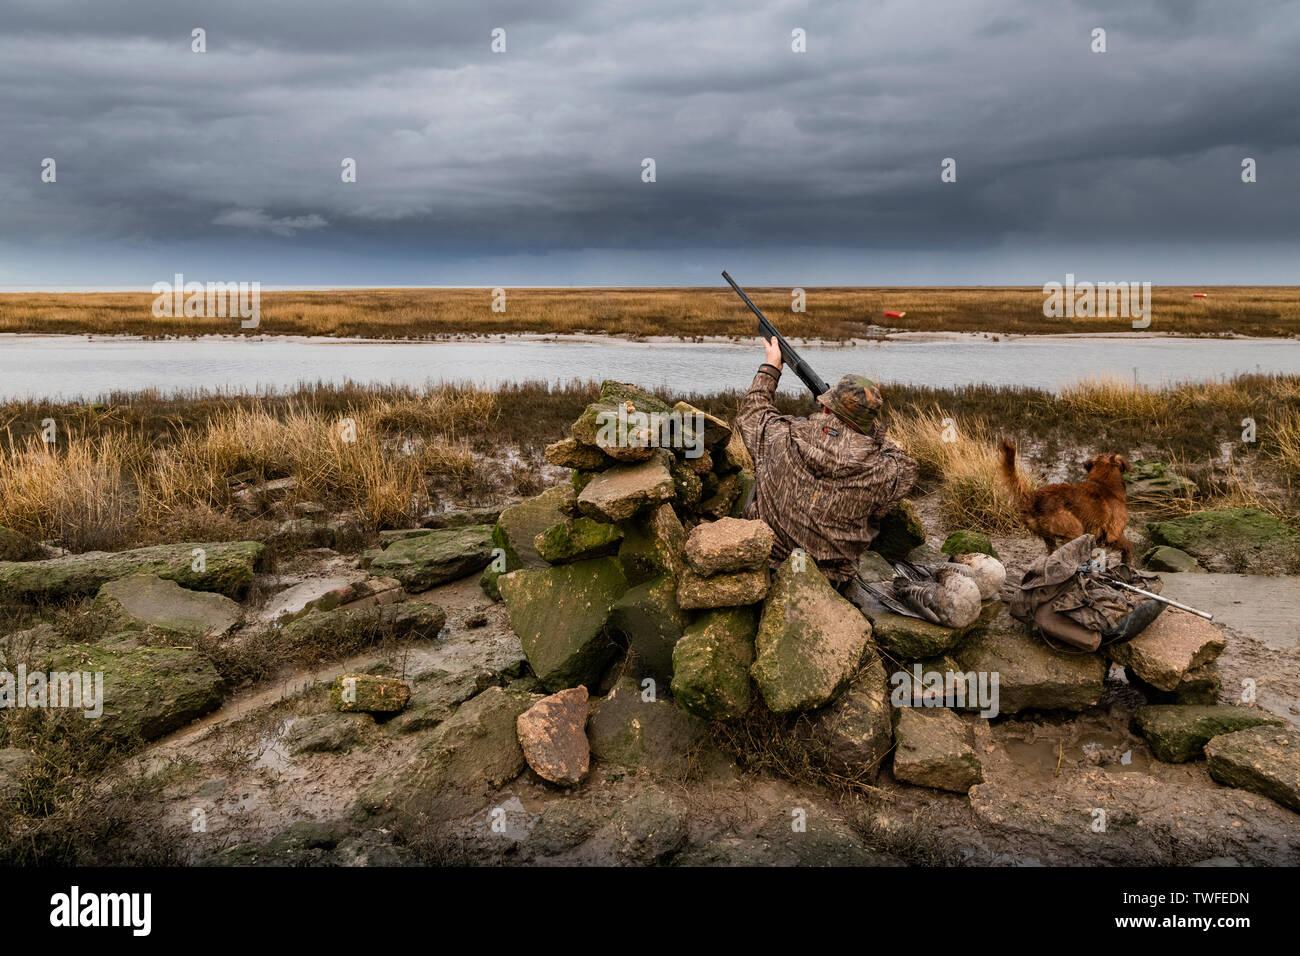 Un homme sur le tournage de lavage Lincolnshire sur les marais d'oies à partir d'un tournage masquer avec les nuages de tempête et de la pluie. Photo Stock